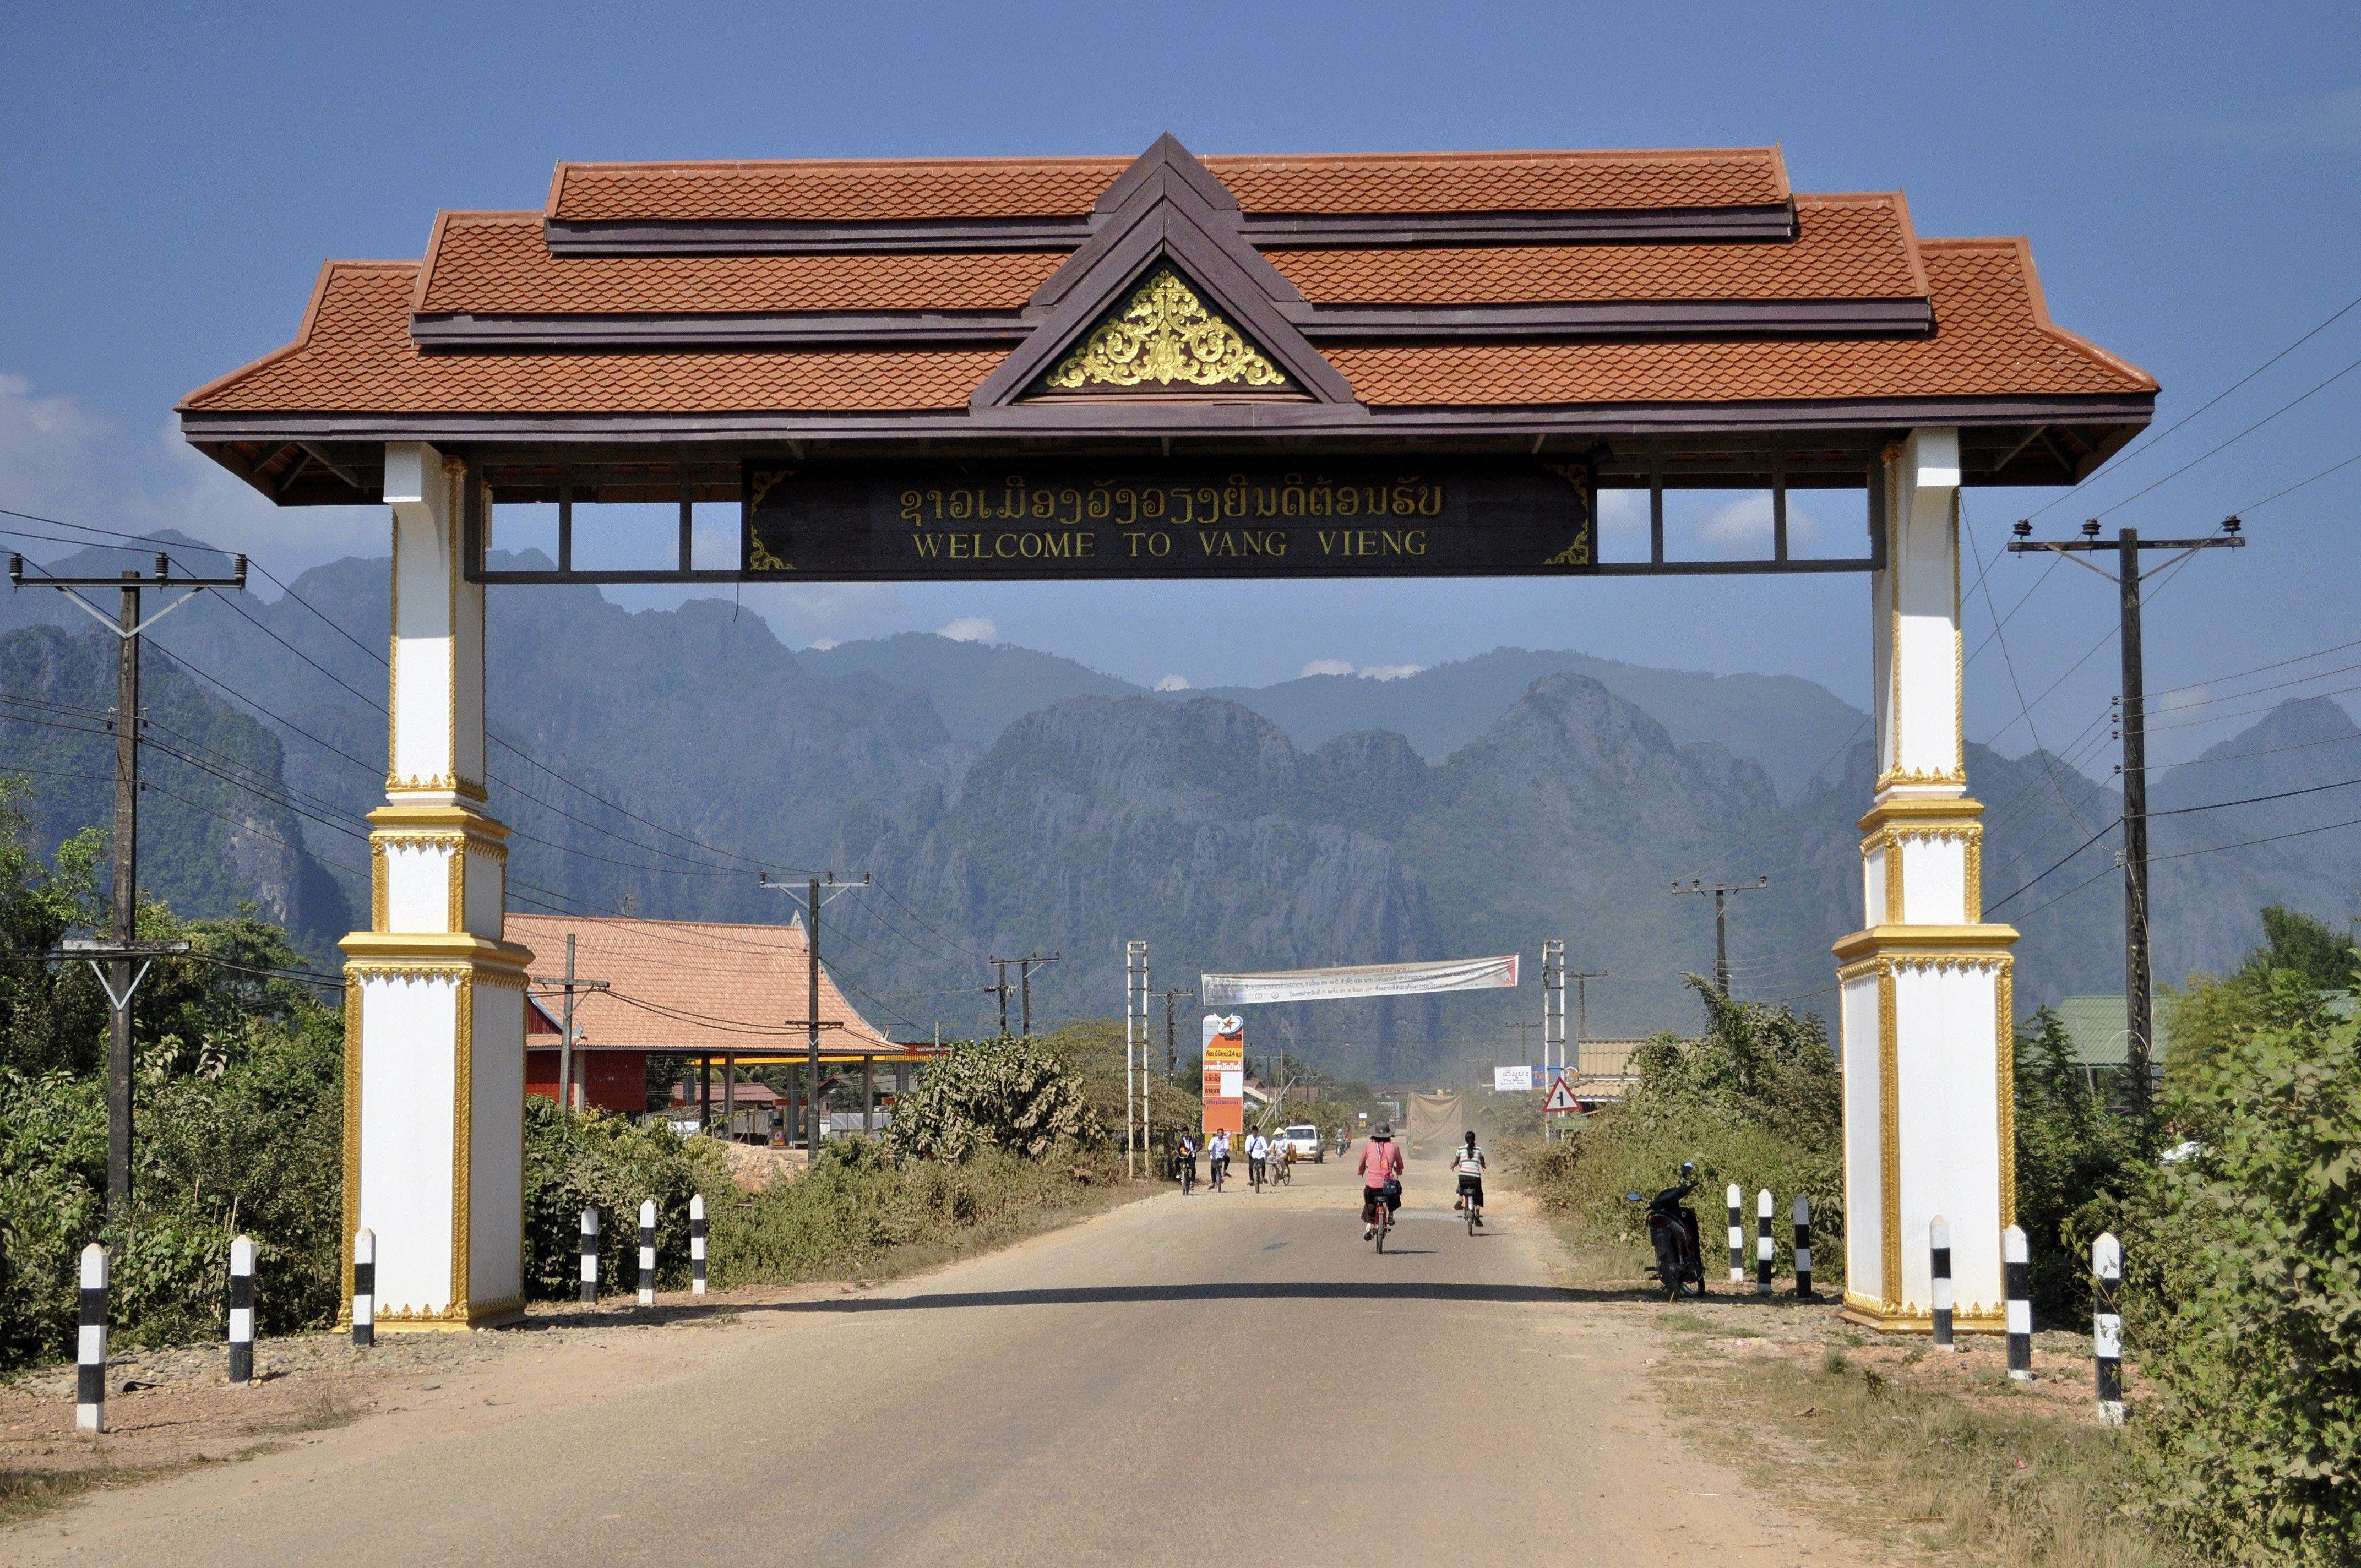 Vang Vieng volvió a ser una atracción turística de Laos